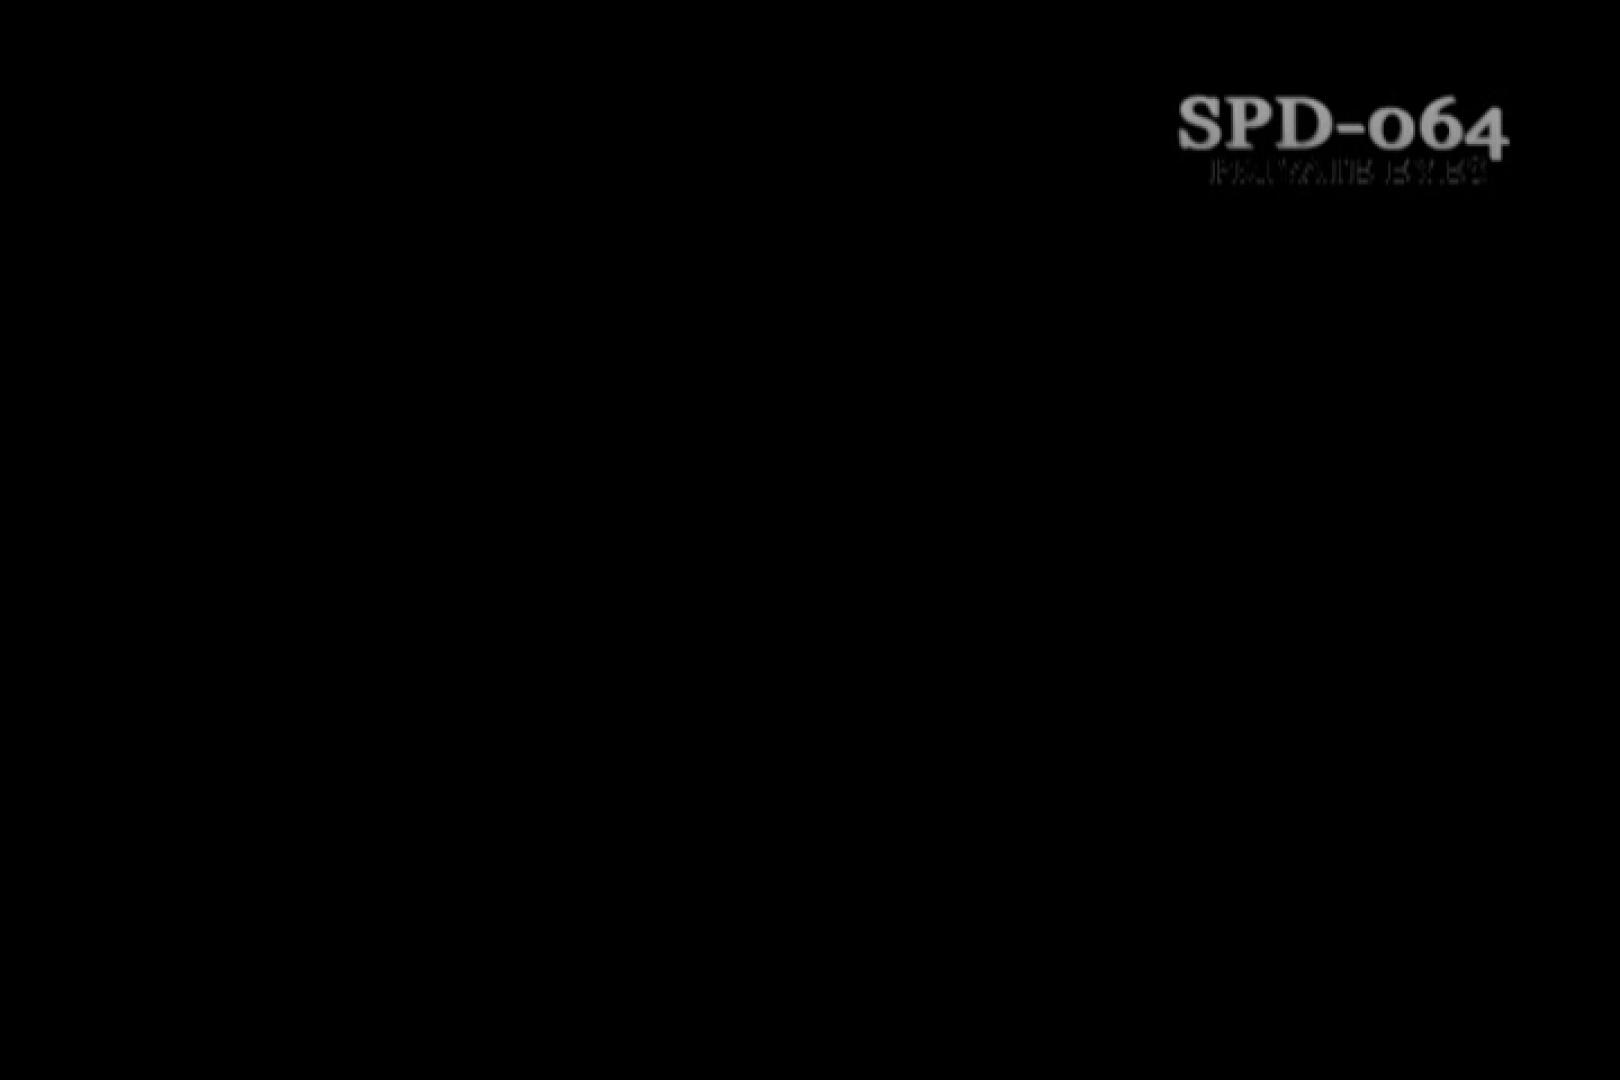 高画質版!SPD-064 盗撮 7 湯乙女の花びら 盗撮  106連発 24